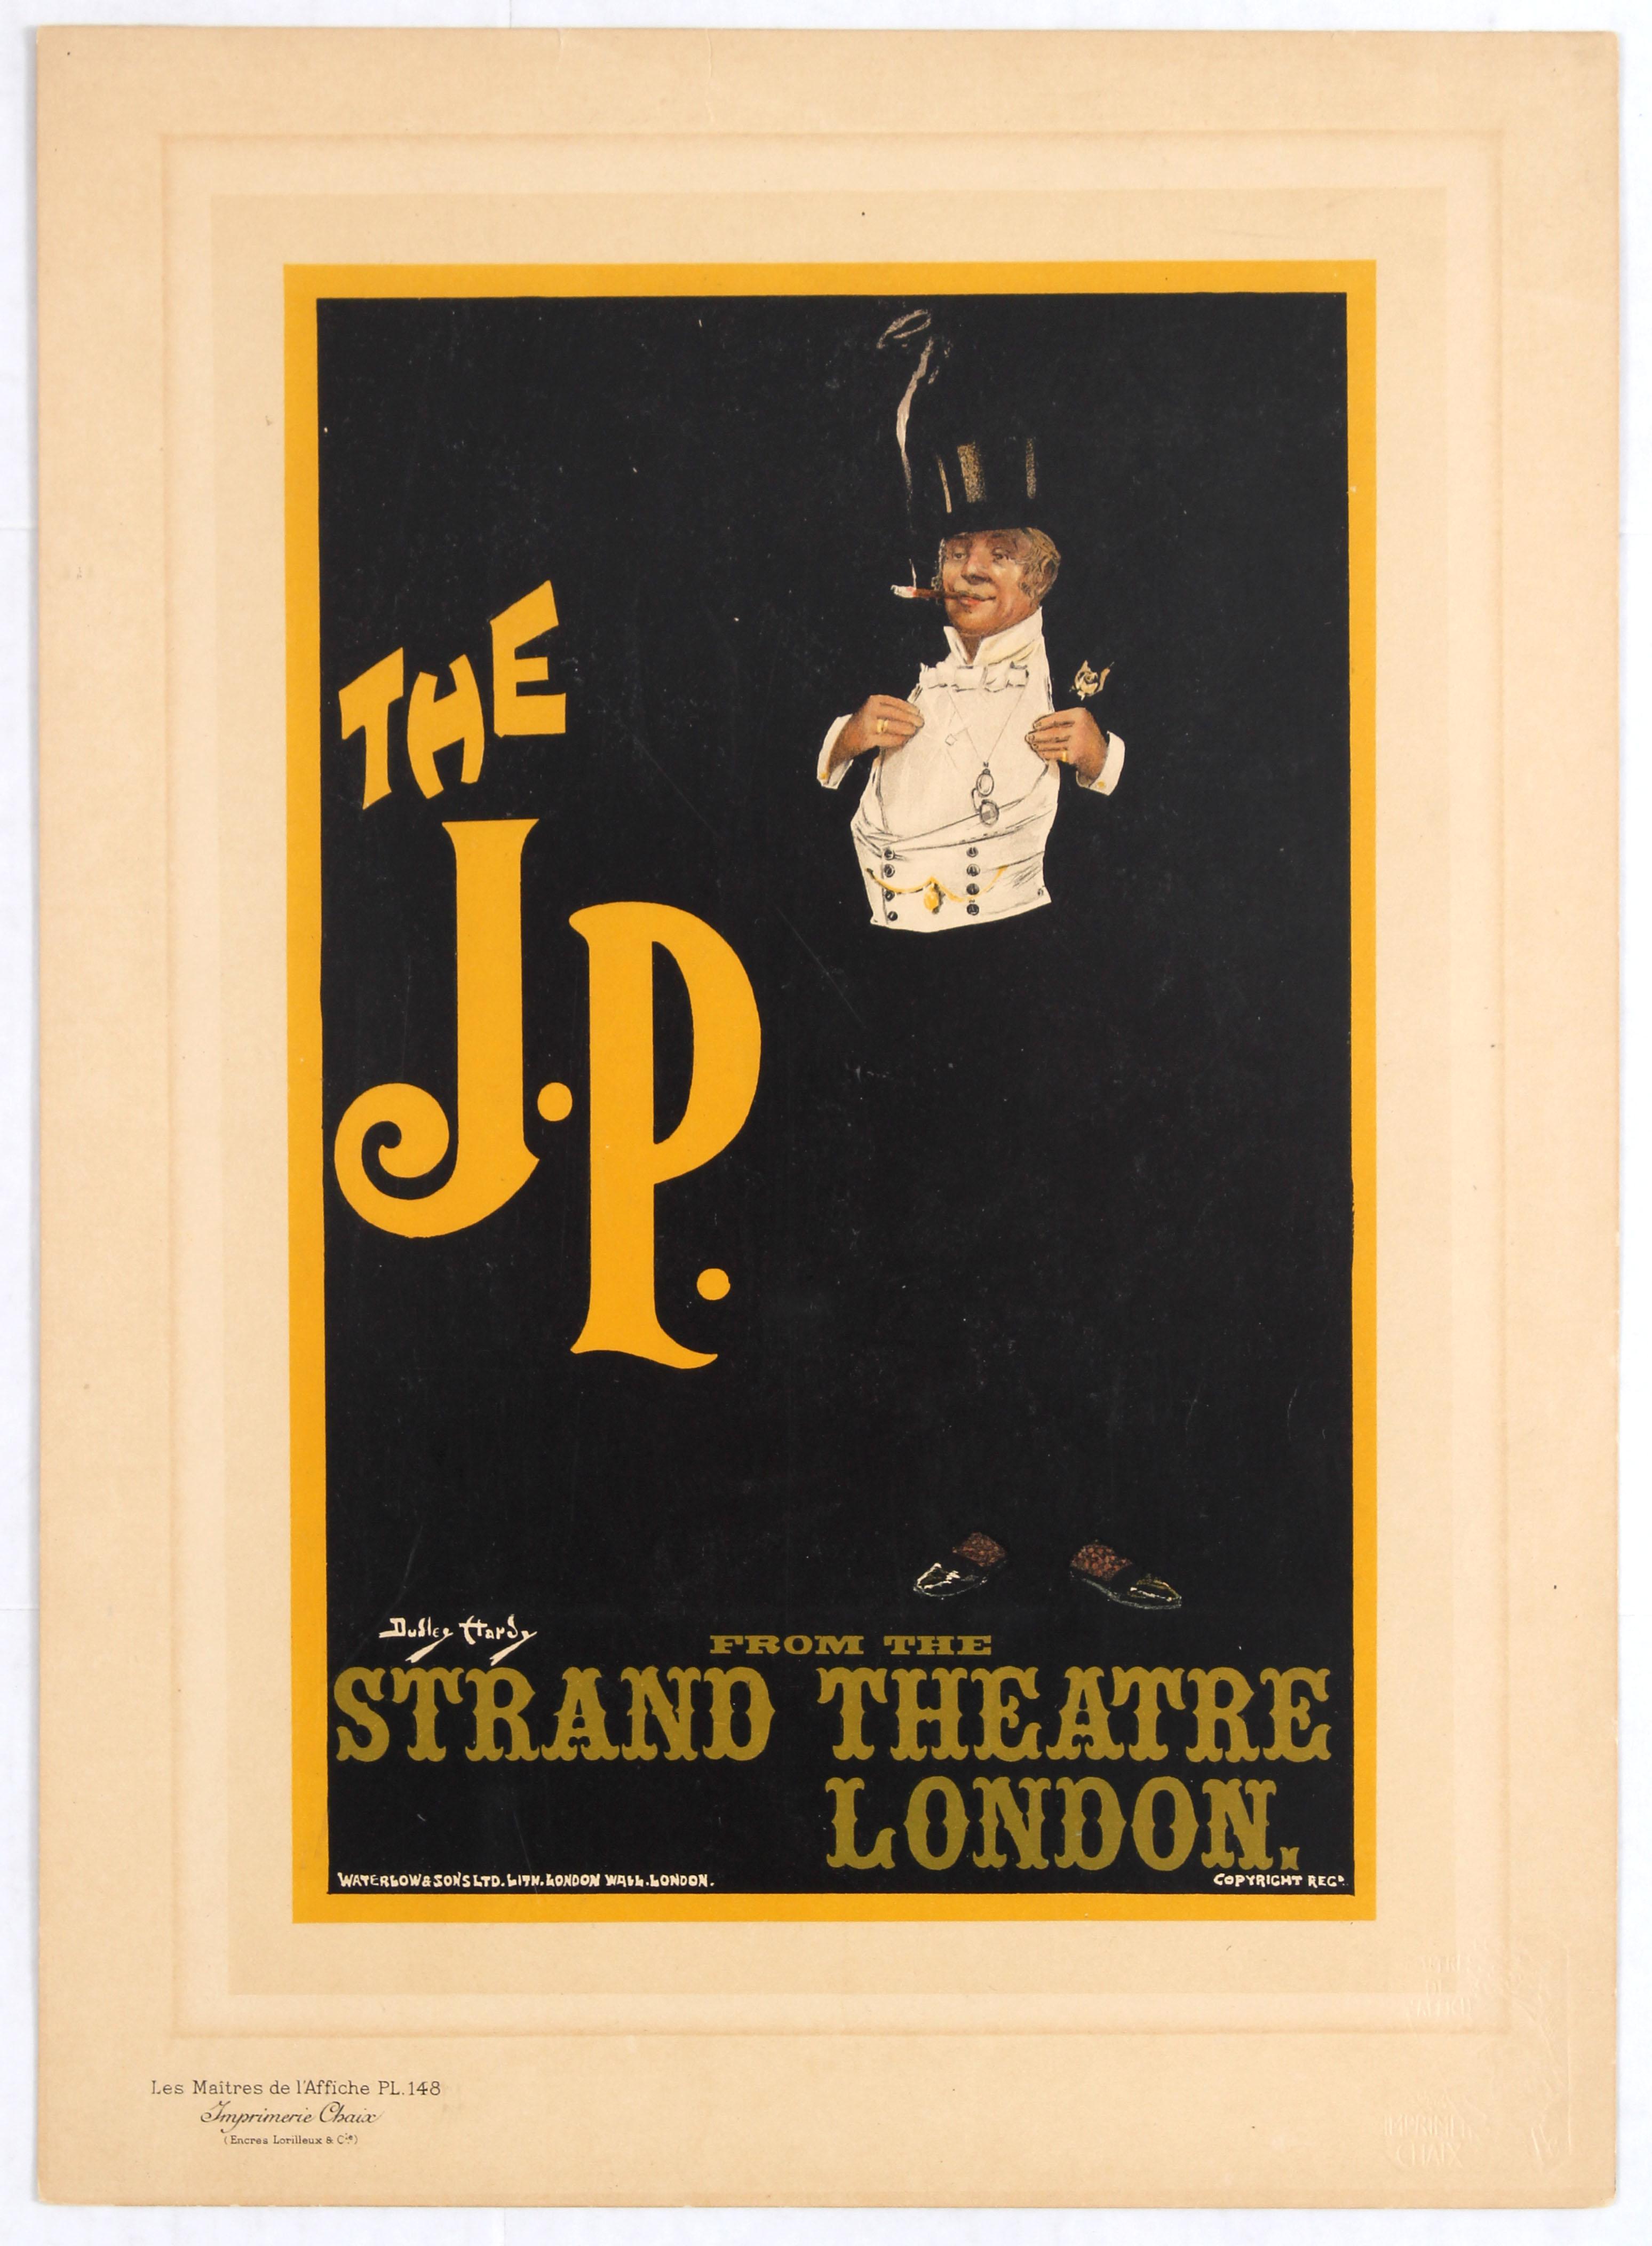 Advertising Poster Maitres de l'affiche